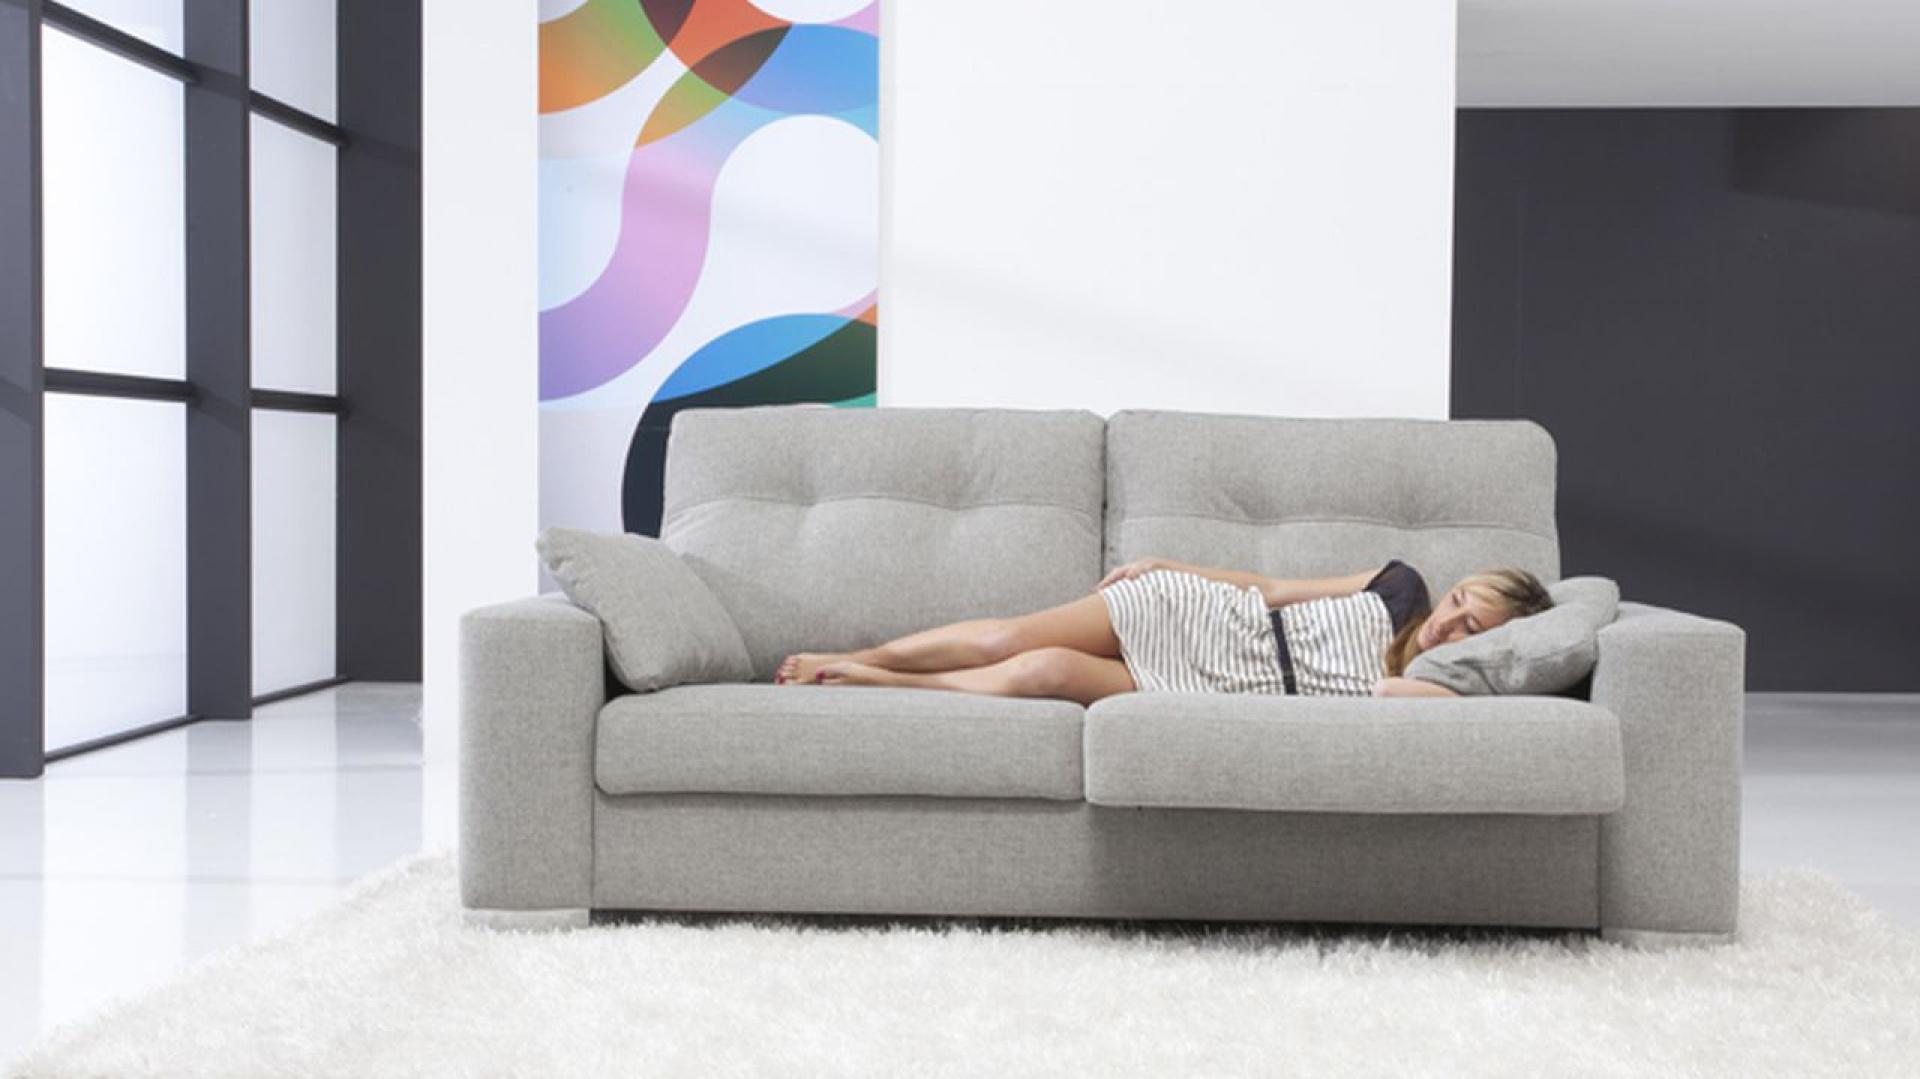 Dwuosobowa pikowana sofa w szarym kolorze może być podstawą wielu ciekawych aranżacji. Fot. Circulo Muebles.